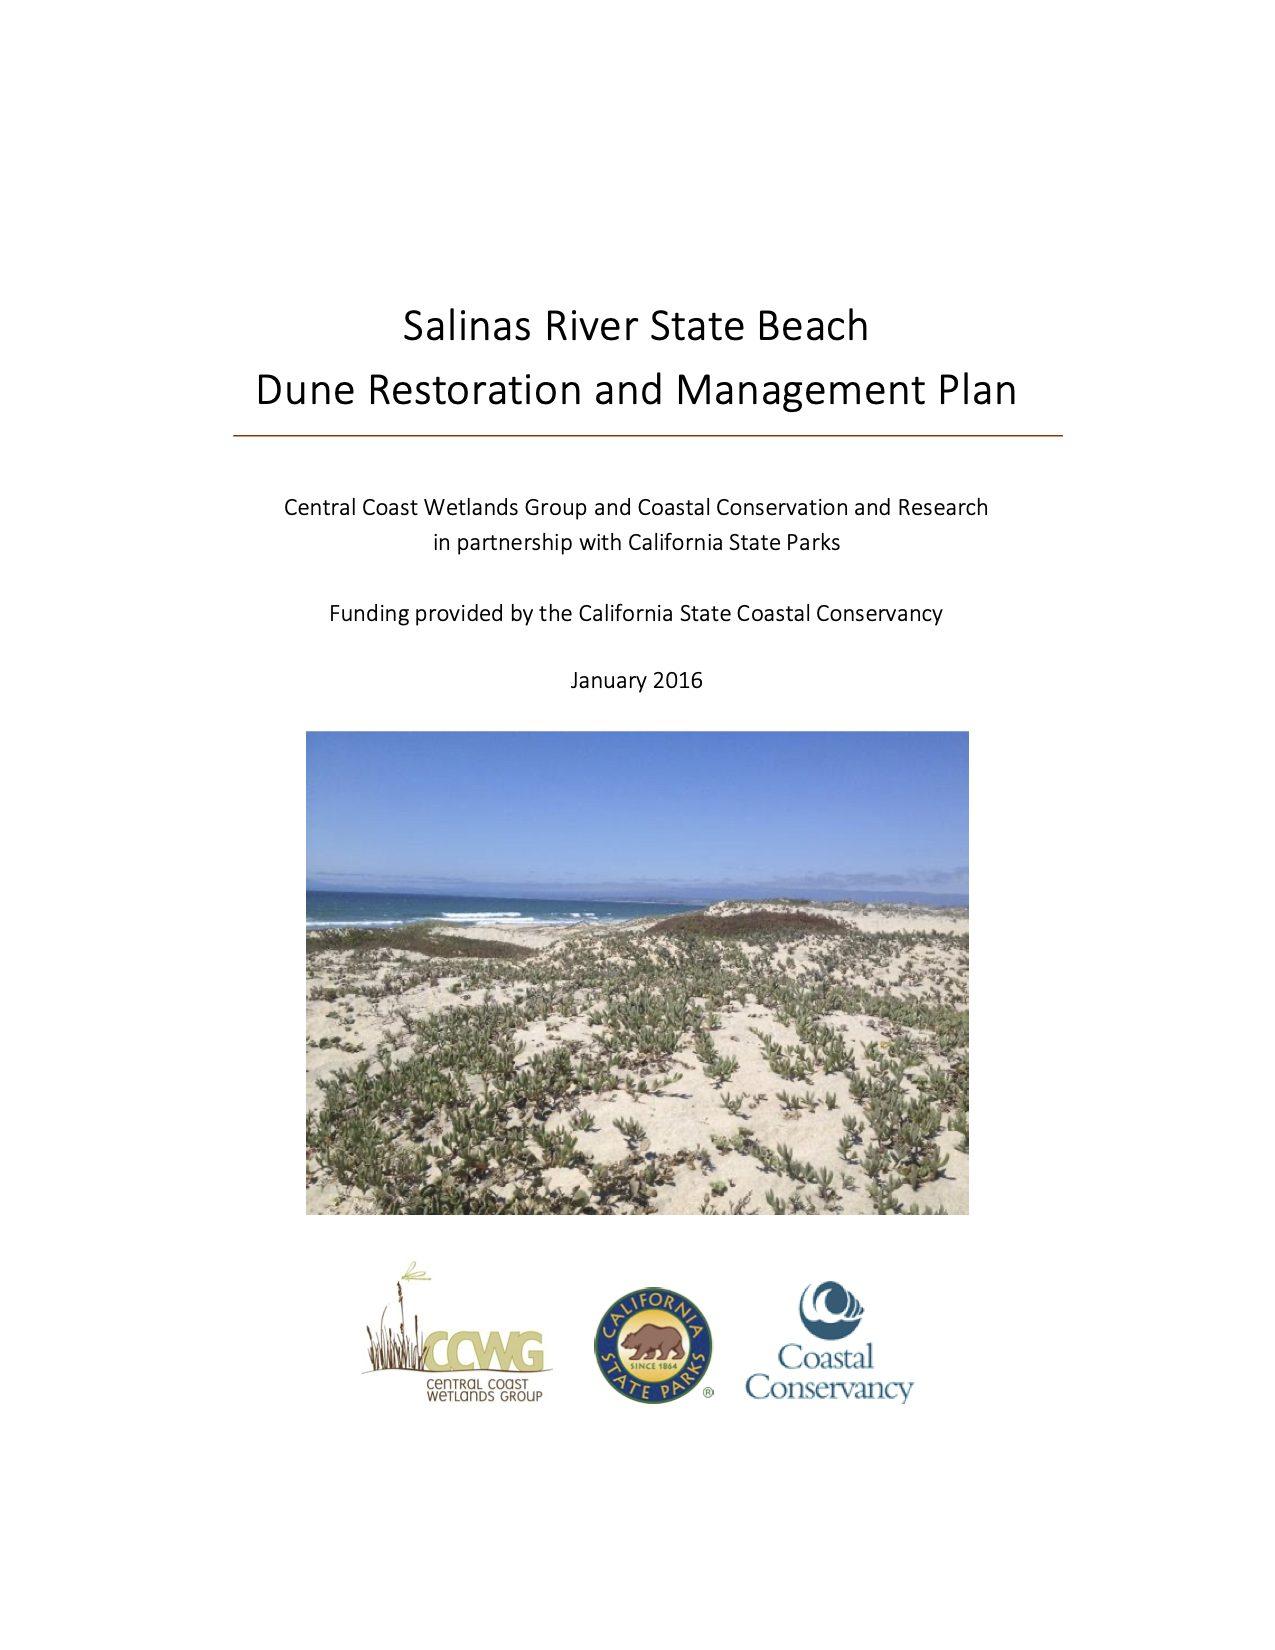 CCR SalinasR Dunes